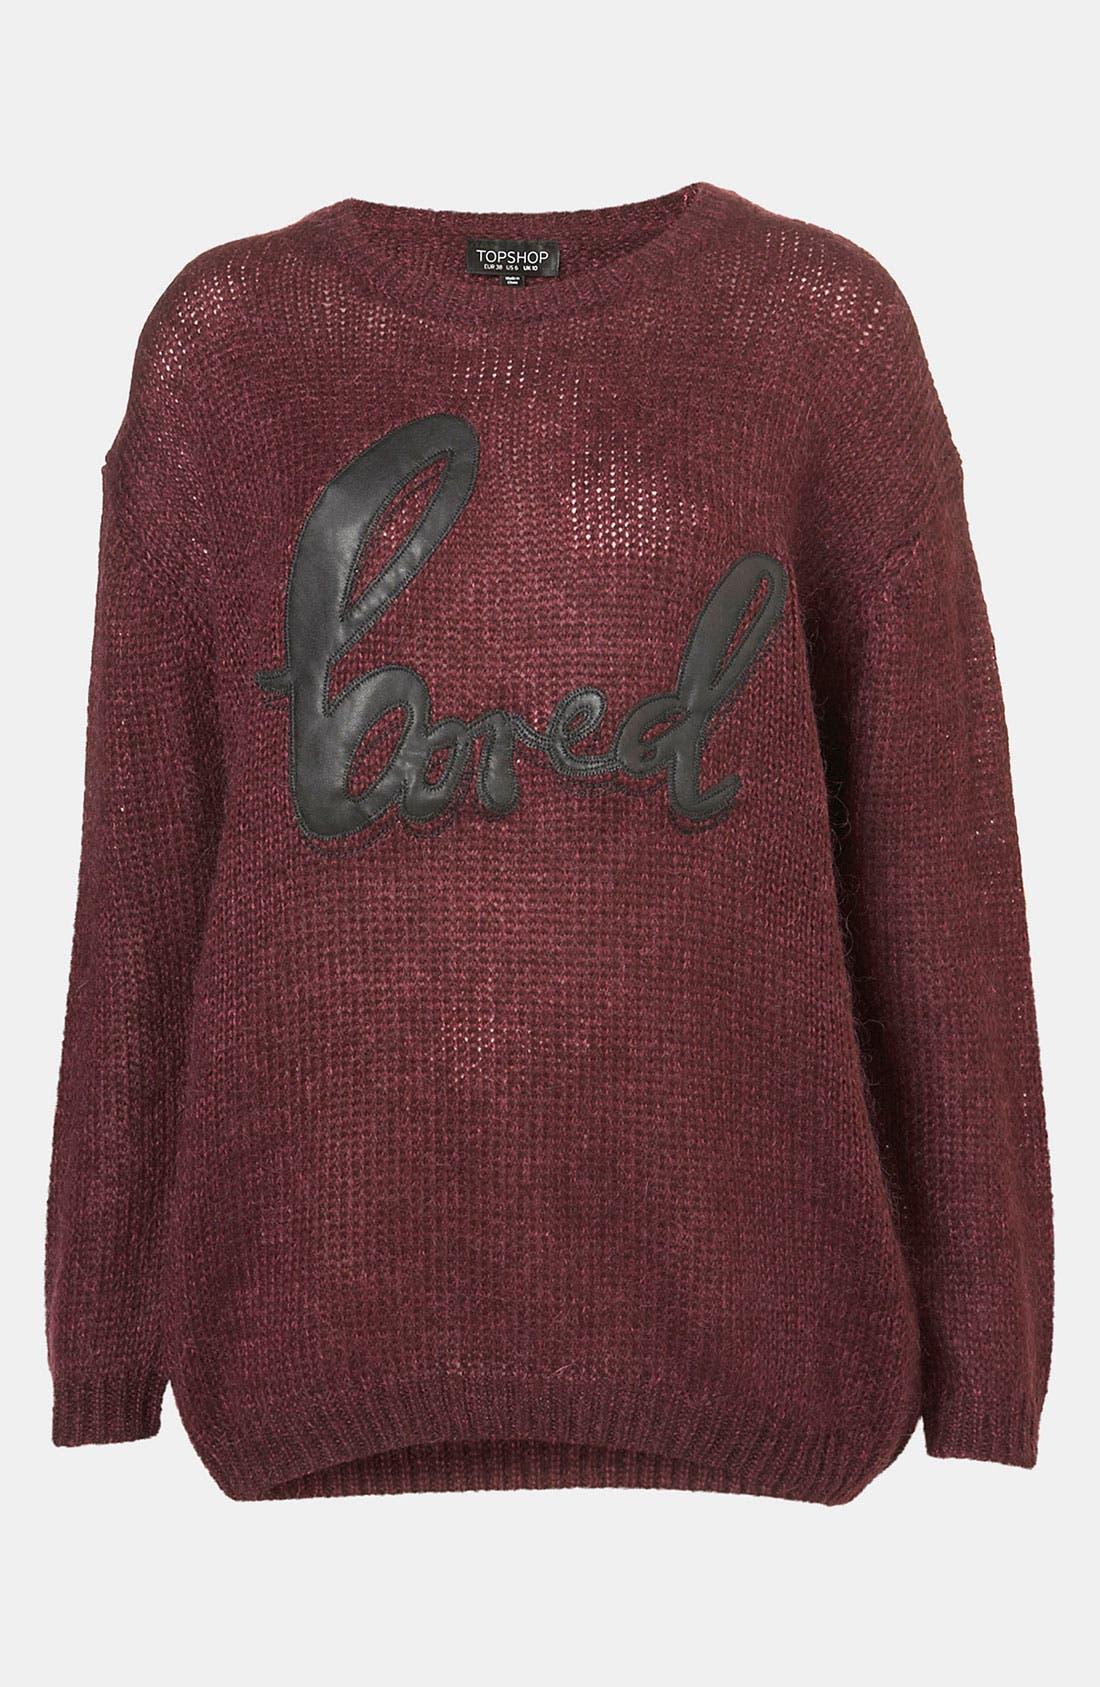 TOPSHOP,                             'Bored' Faux Leather Appliqué Sweater,                             Main thumbnail 1, color,                             930